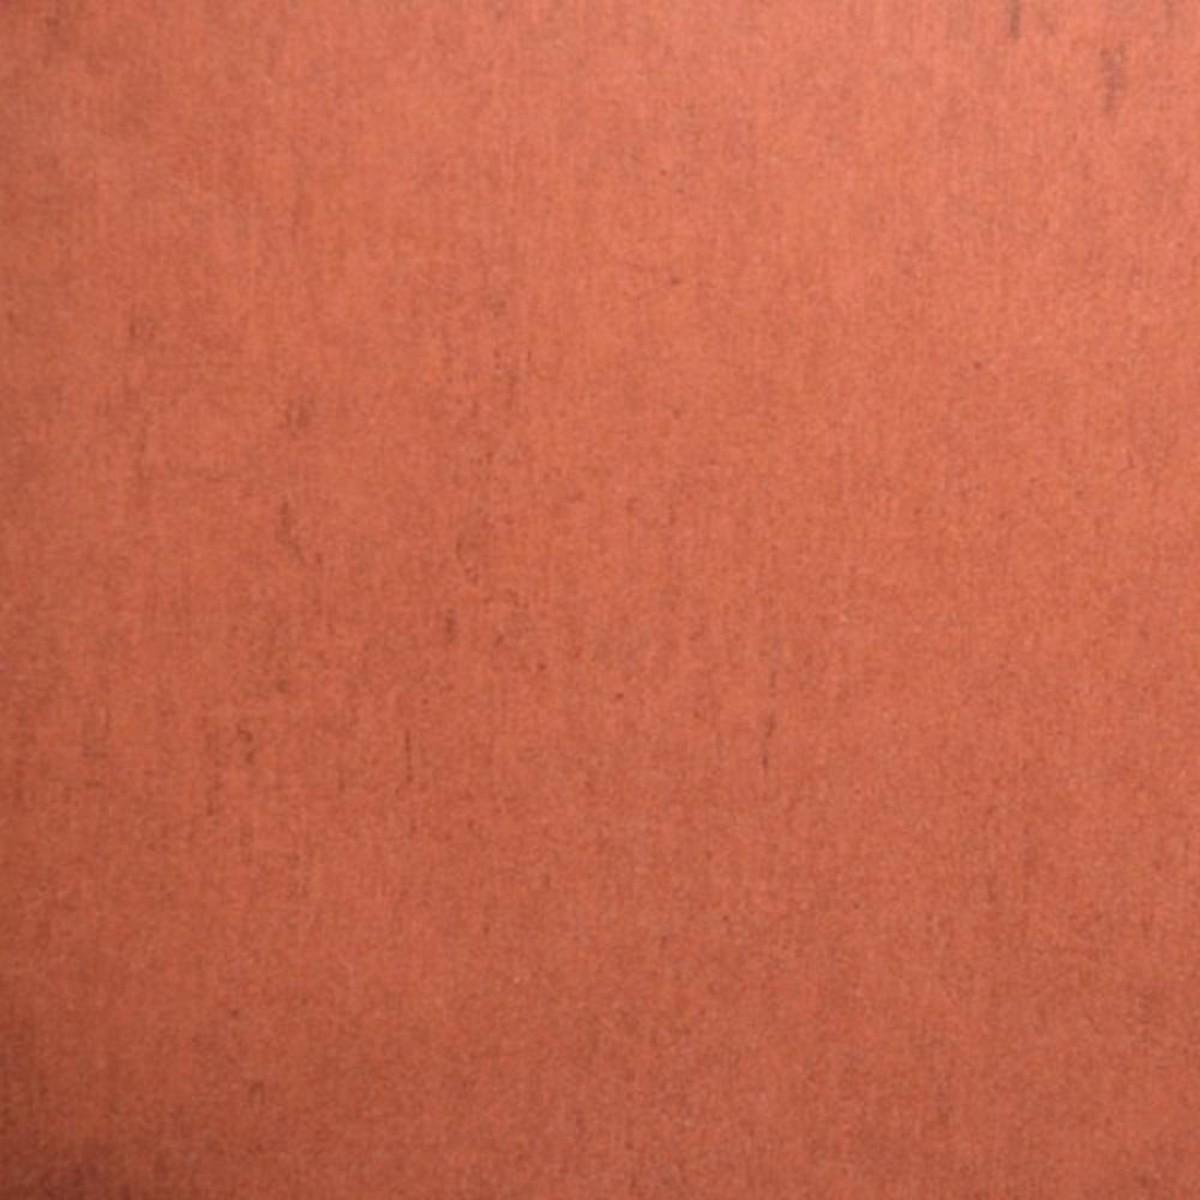 Обои флизелиновые Filpassion Tropicana Filpassion коричневые 0.53 м TRO129